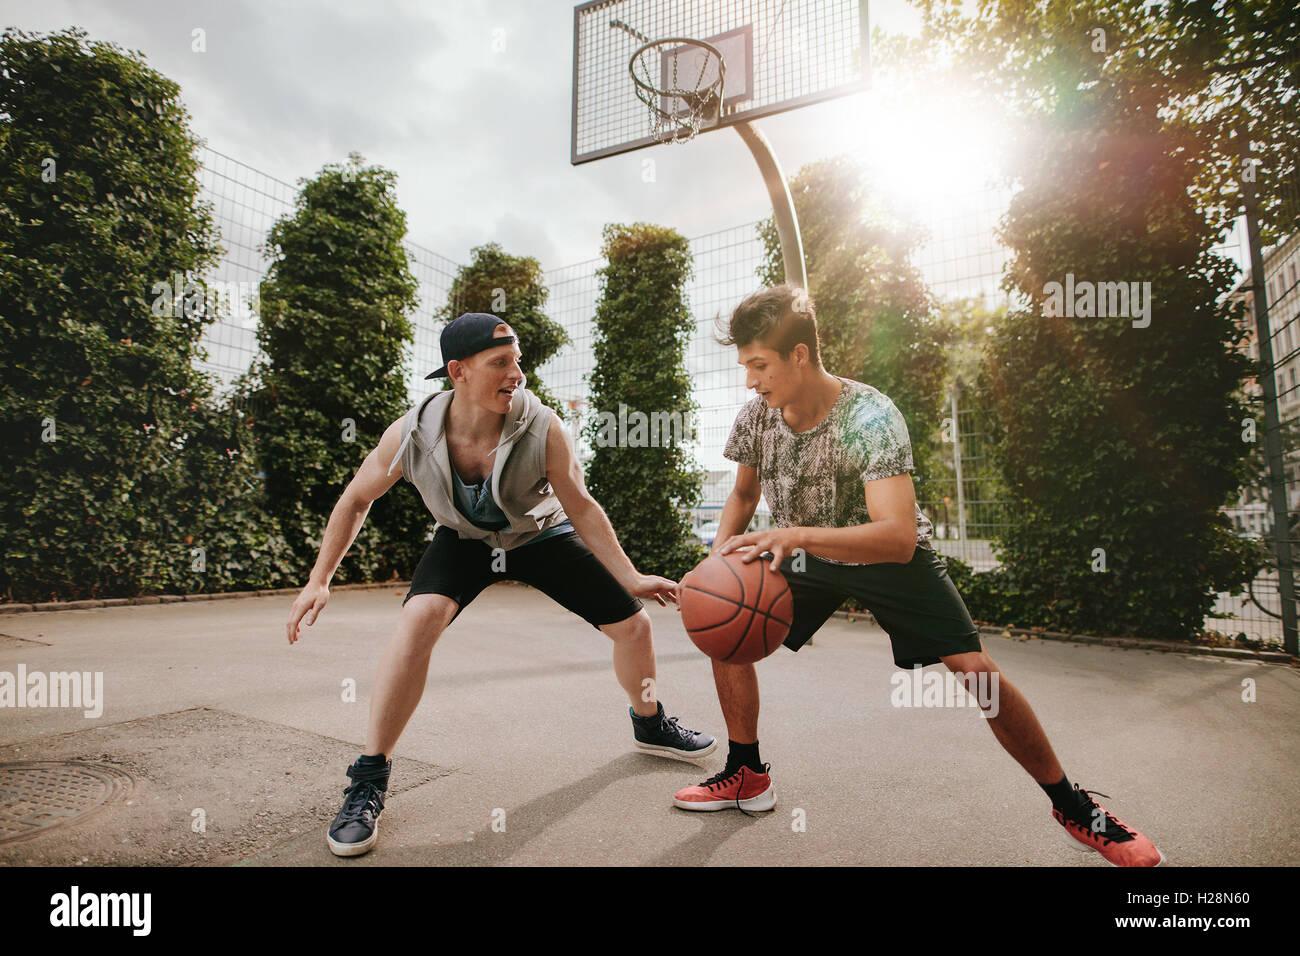 Teenager Freunden Streetball gegeneinander spielen und Spaß haben. Zwei junge Männer, die eine Spiel der Basketball Stockfoto